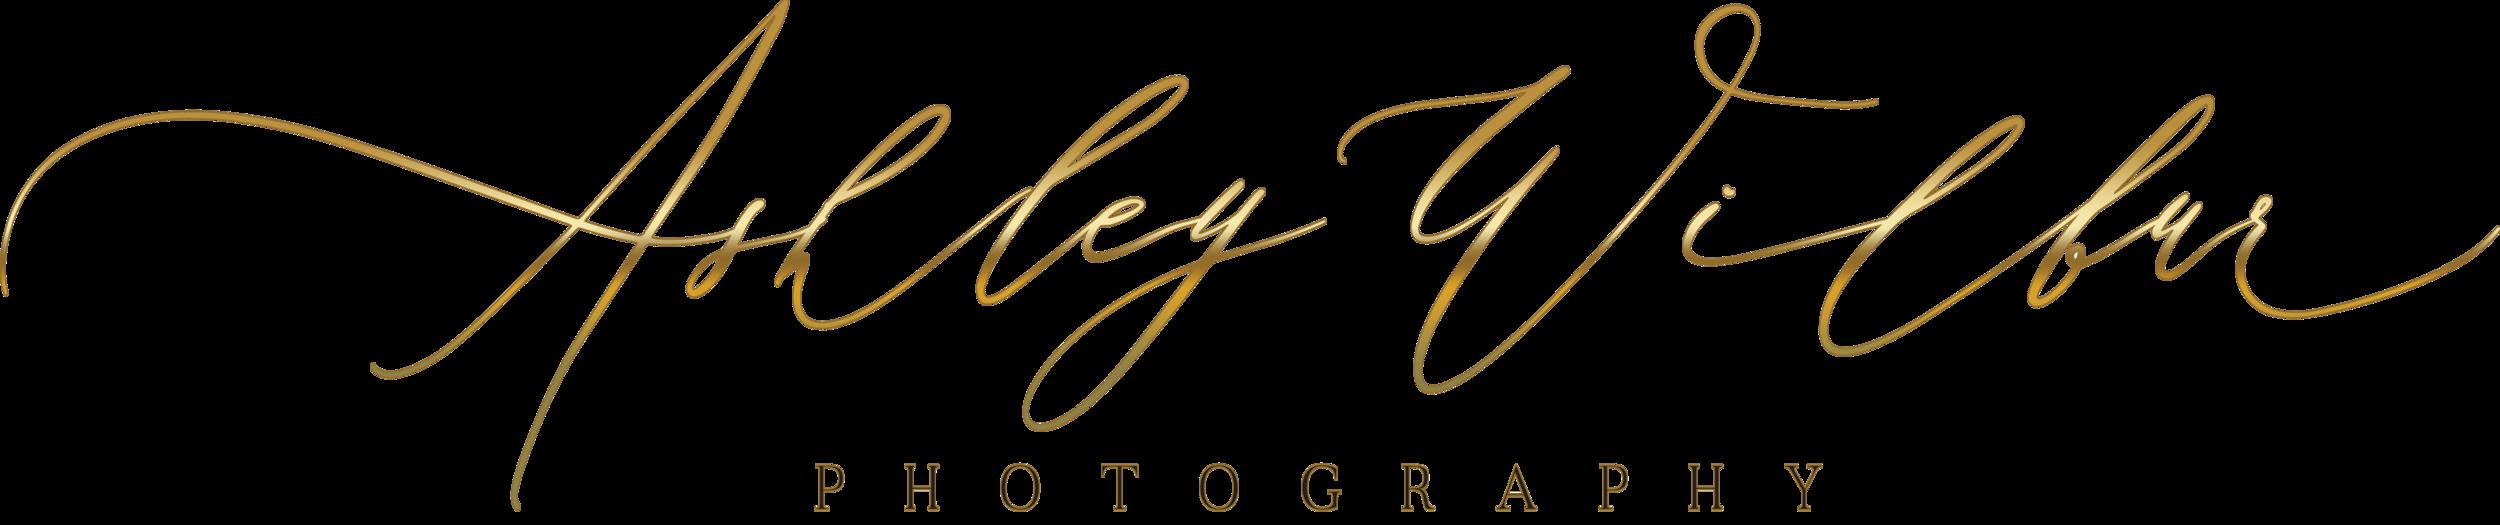 Awp logoname